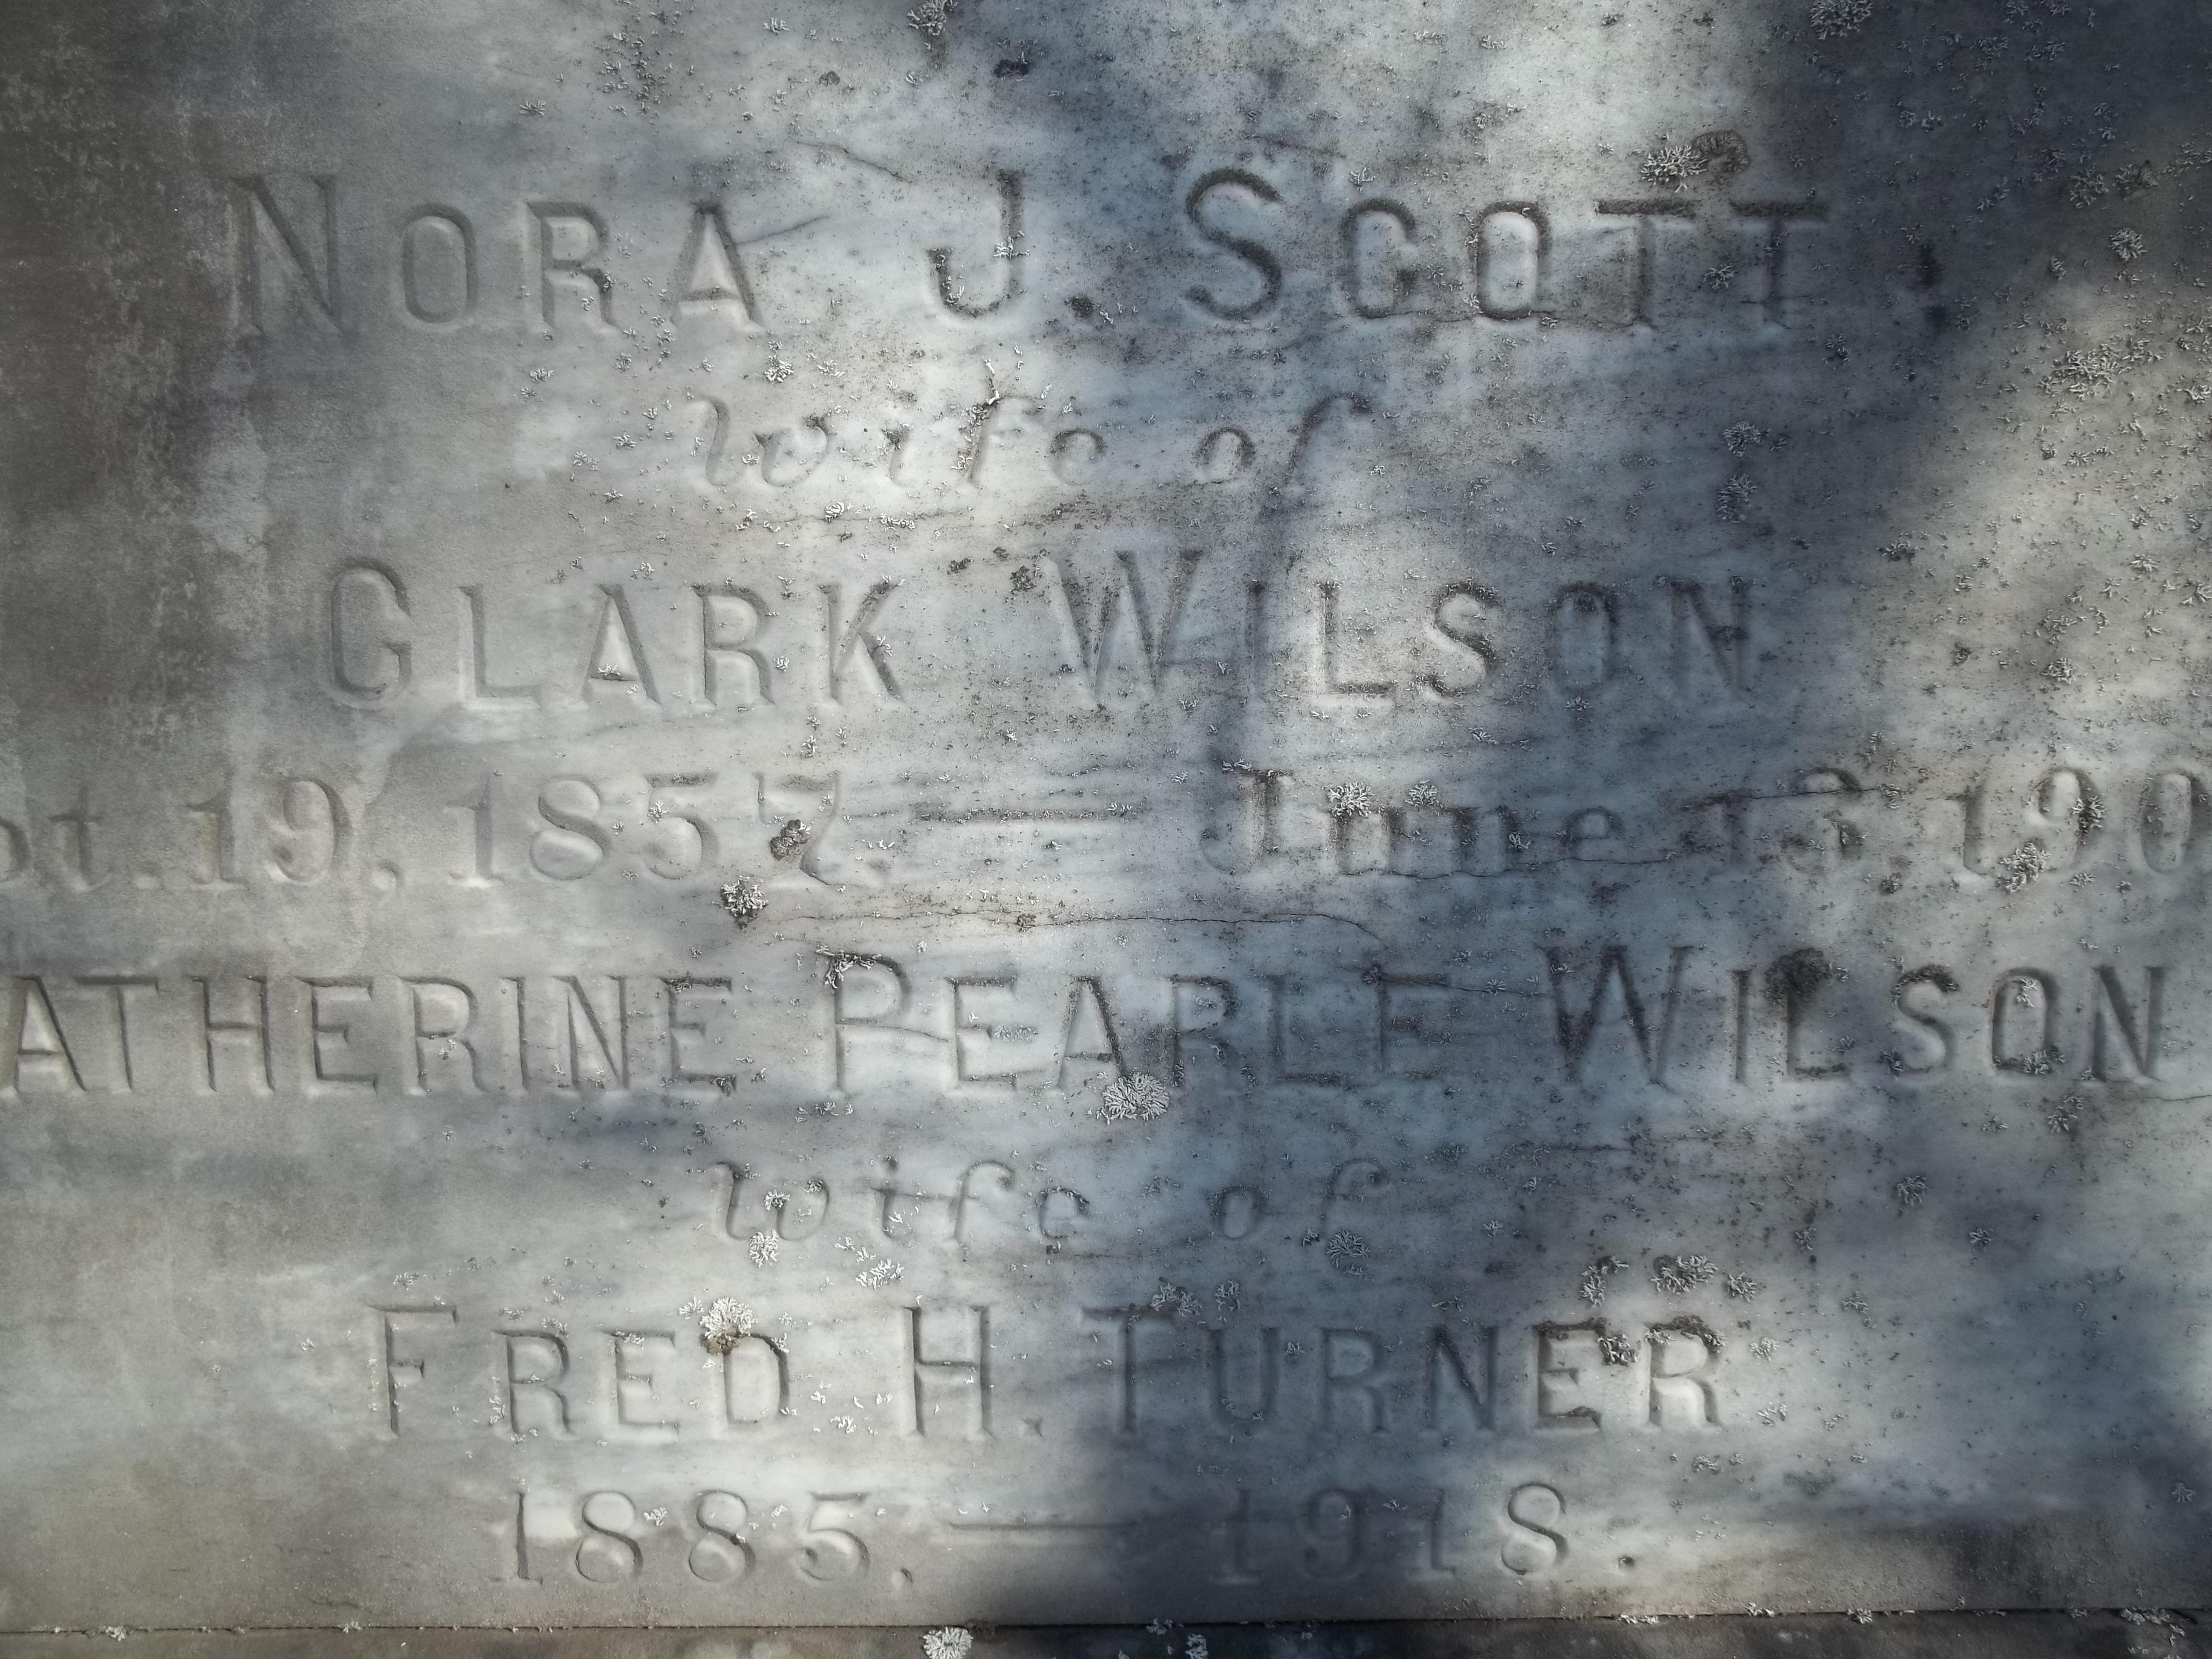 Nora Scott